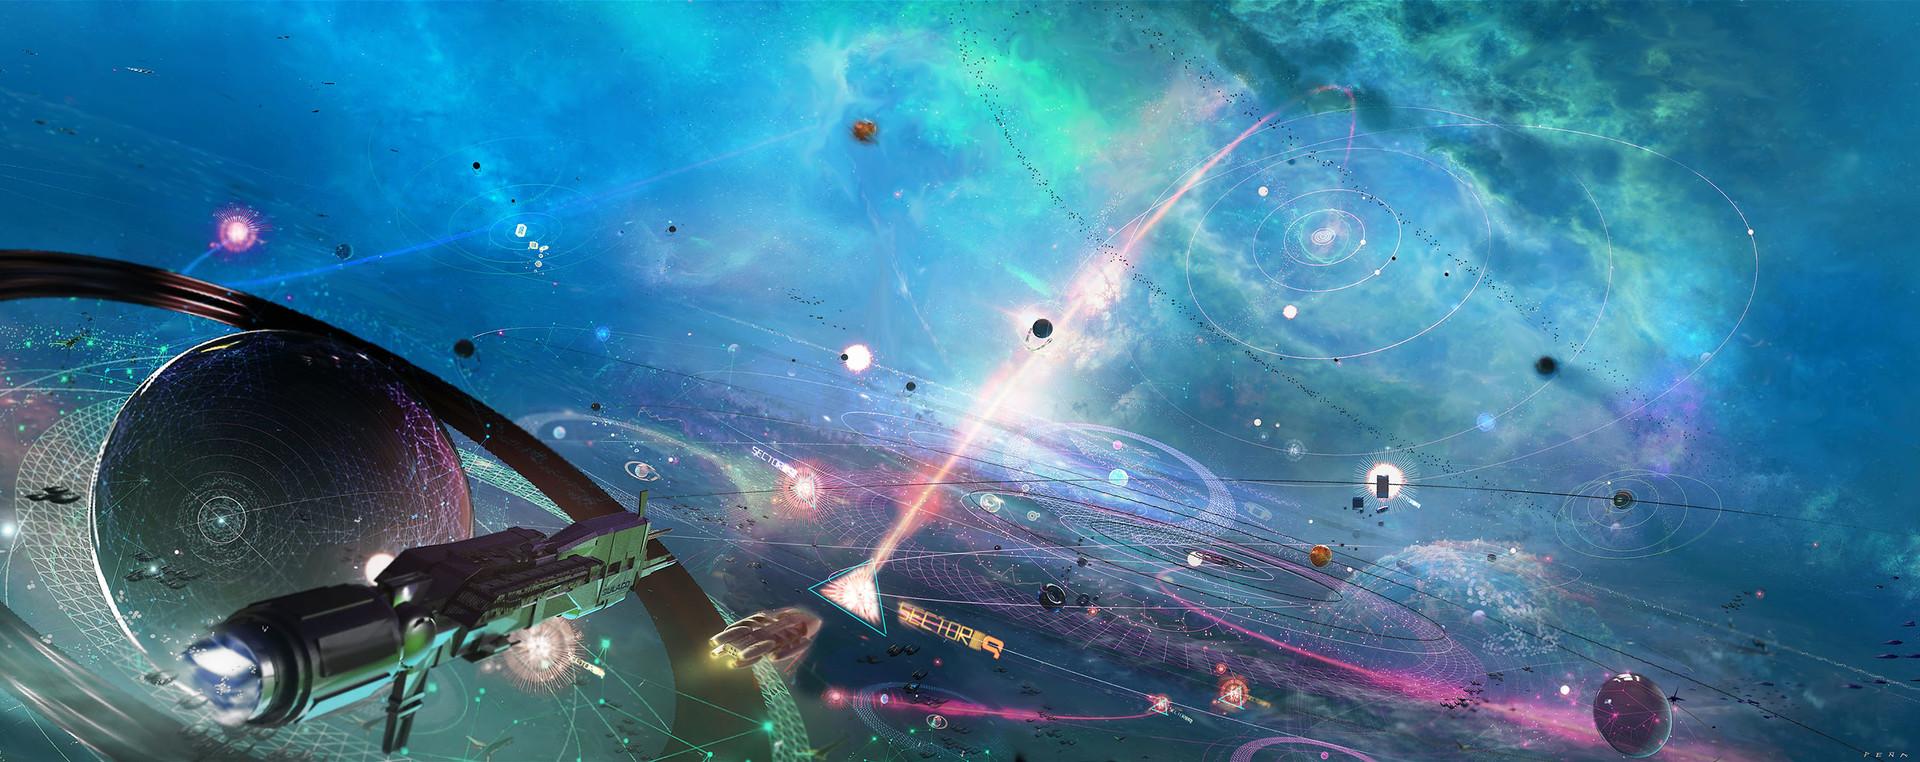 Eduardo pena nebulas concept 03f ep